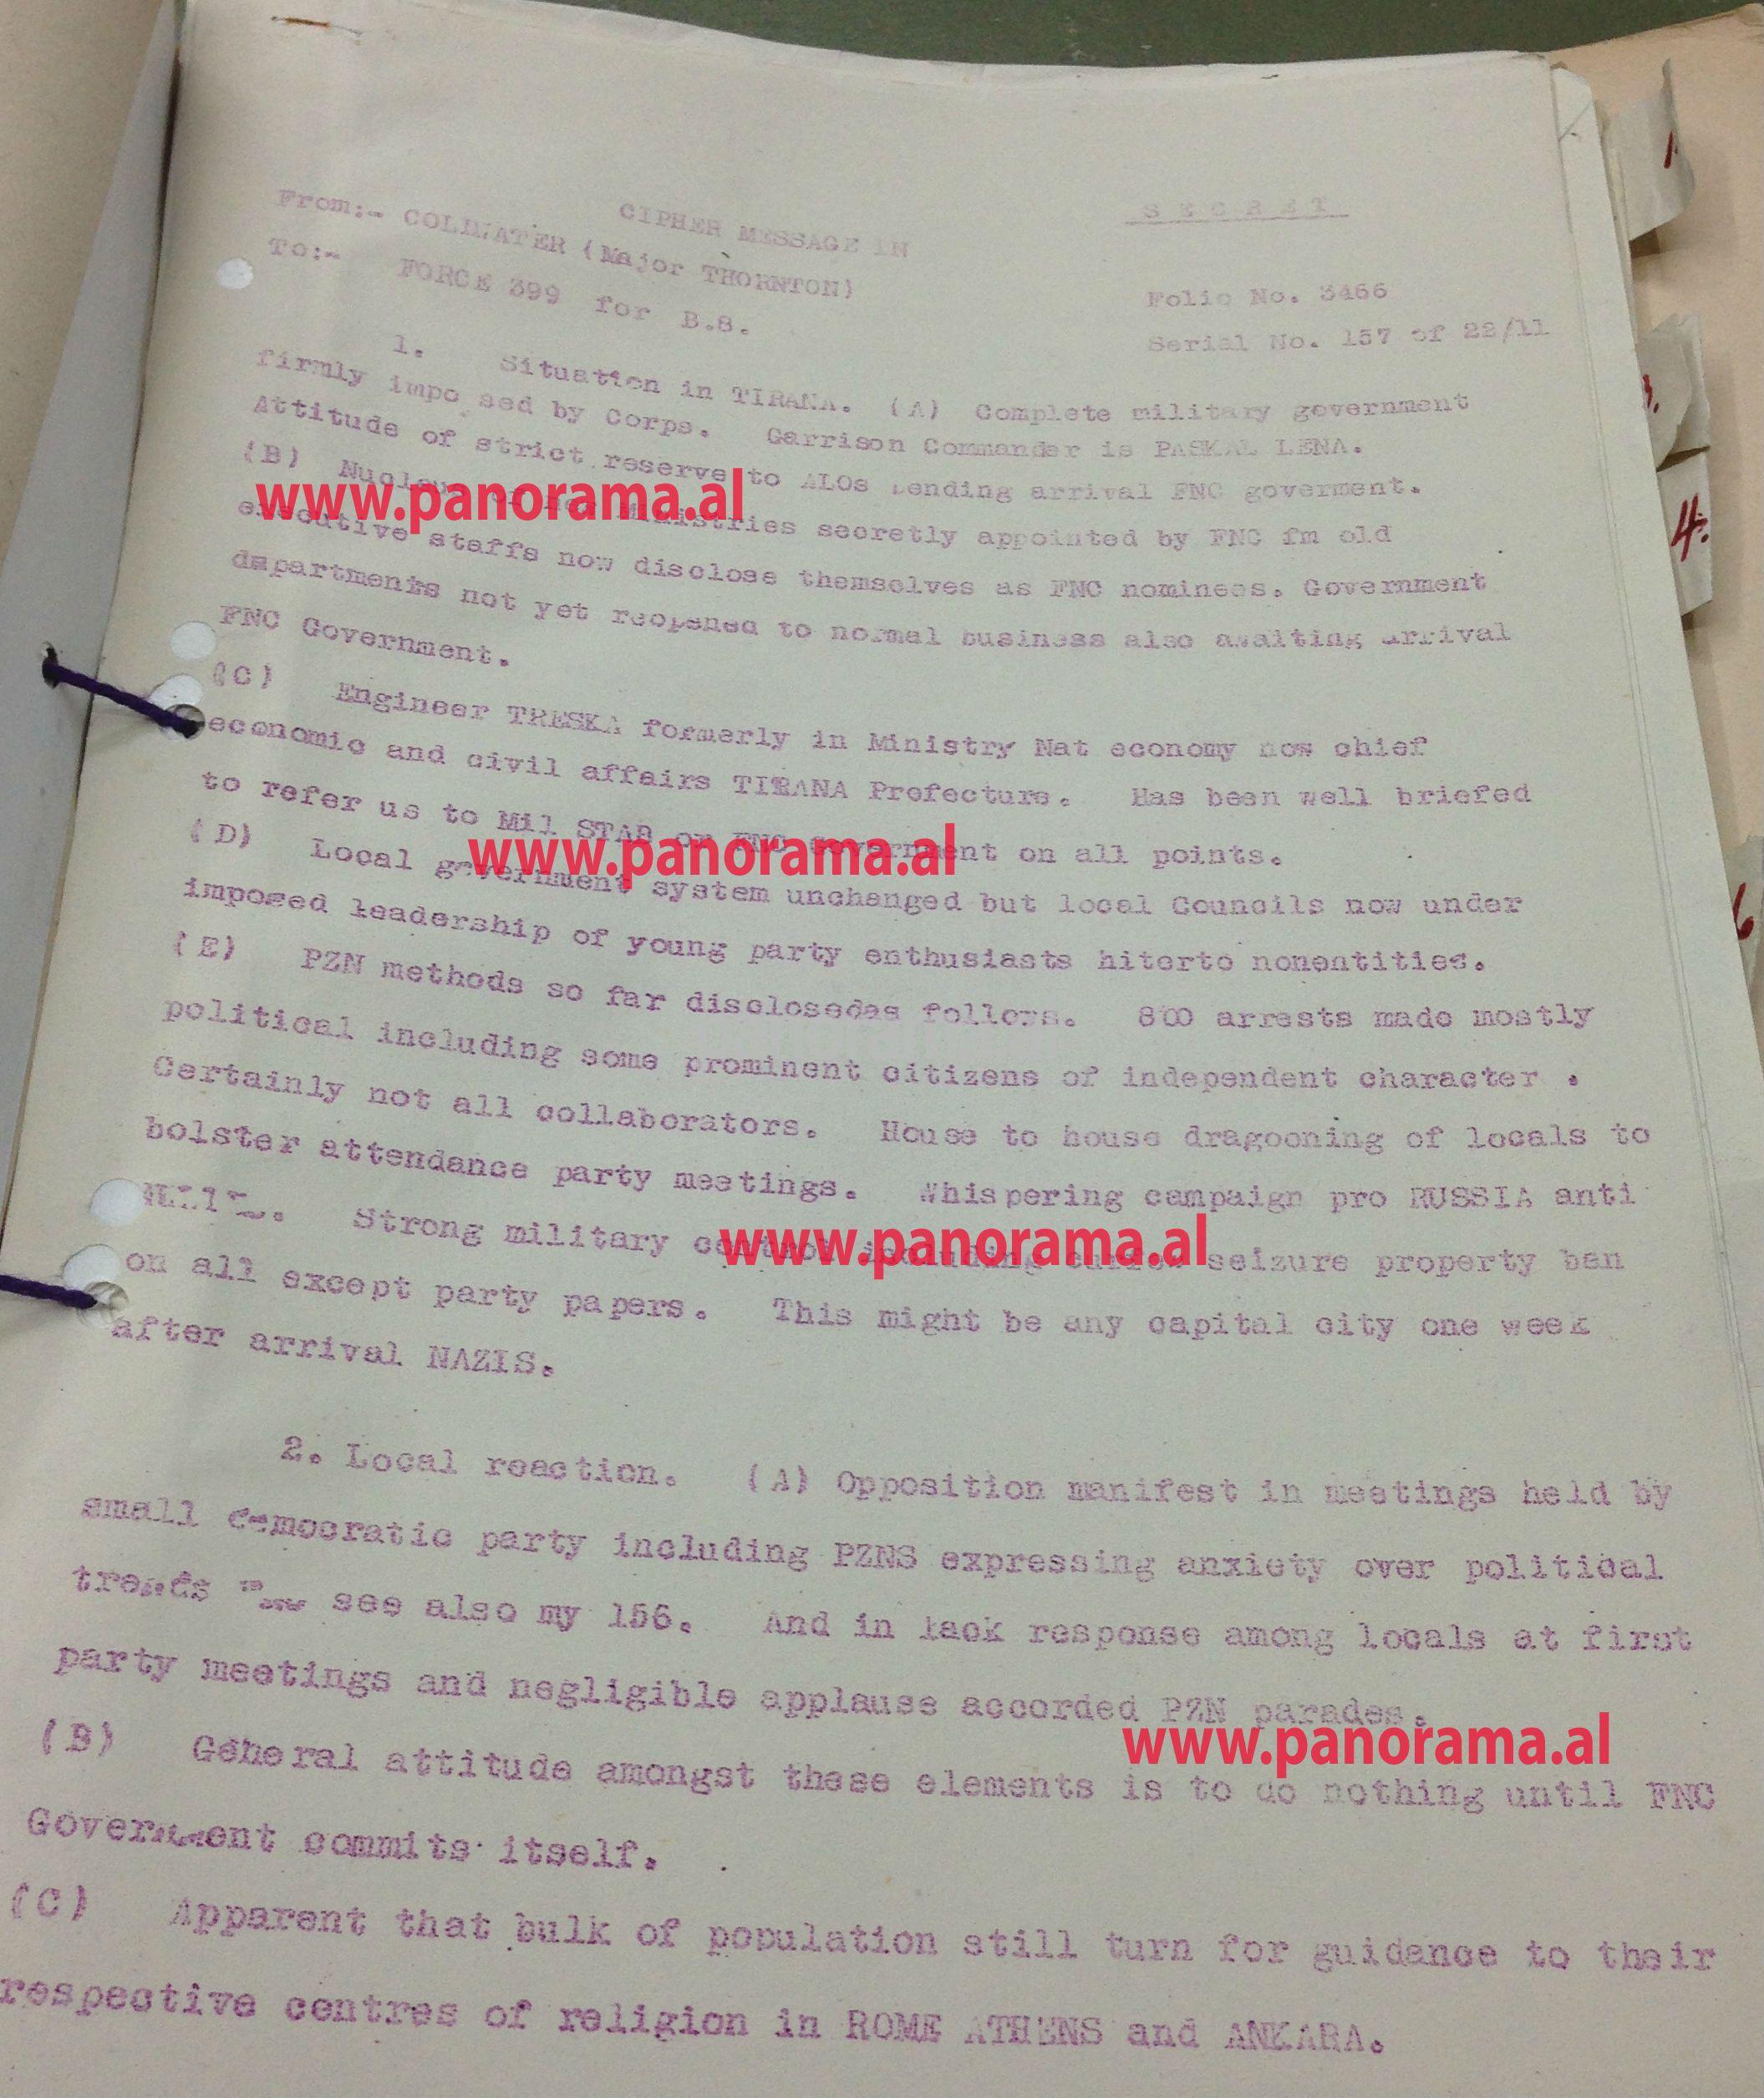 Faksimile e raportit të majorit Thornton më 22 nëntor 1944 mbi situatën në Tiranë pas çlirimit të saj ku, sipas tij, u kërkohet banorëve me detyrim të marrin pjesë në takimet e Partisë